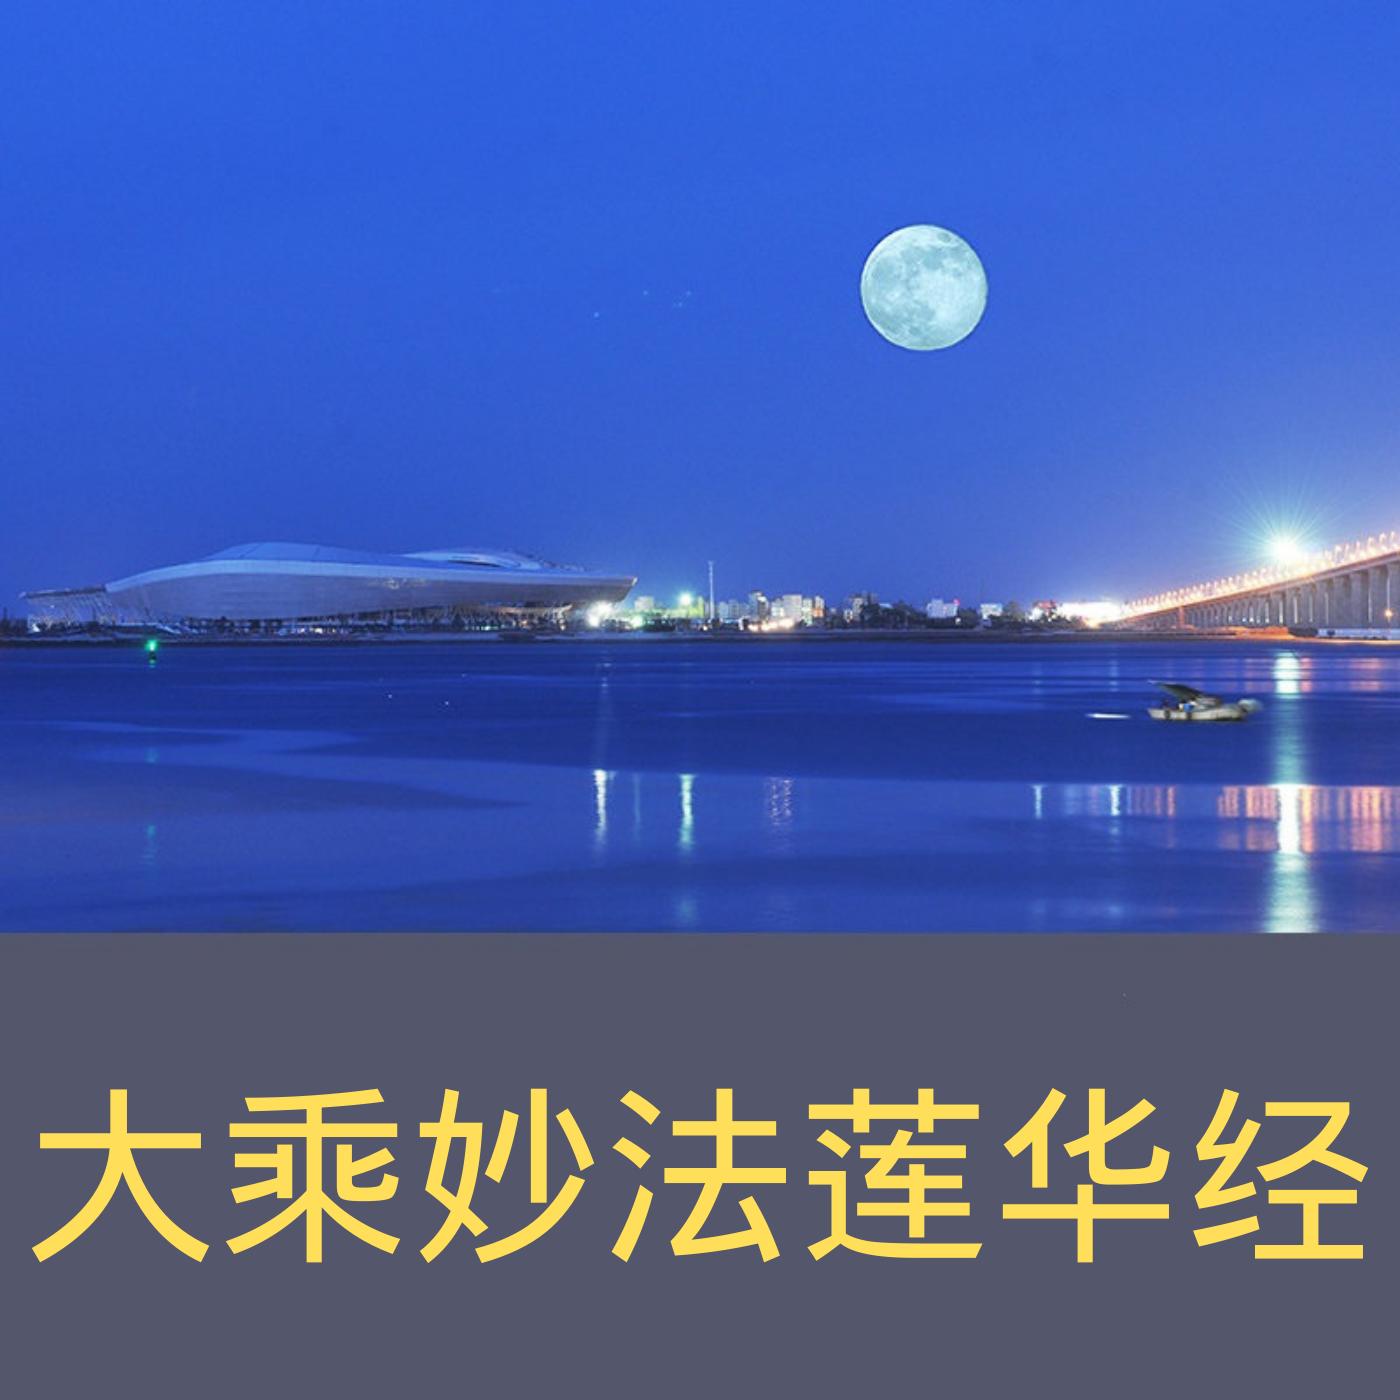 《大乘妙法莲华经》讲记 第四次修订版